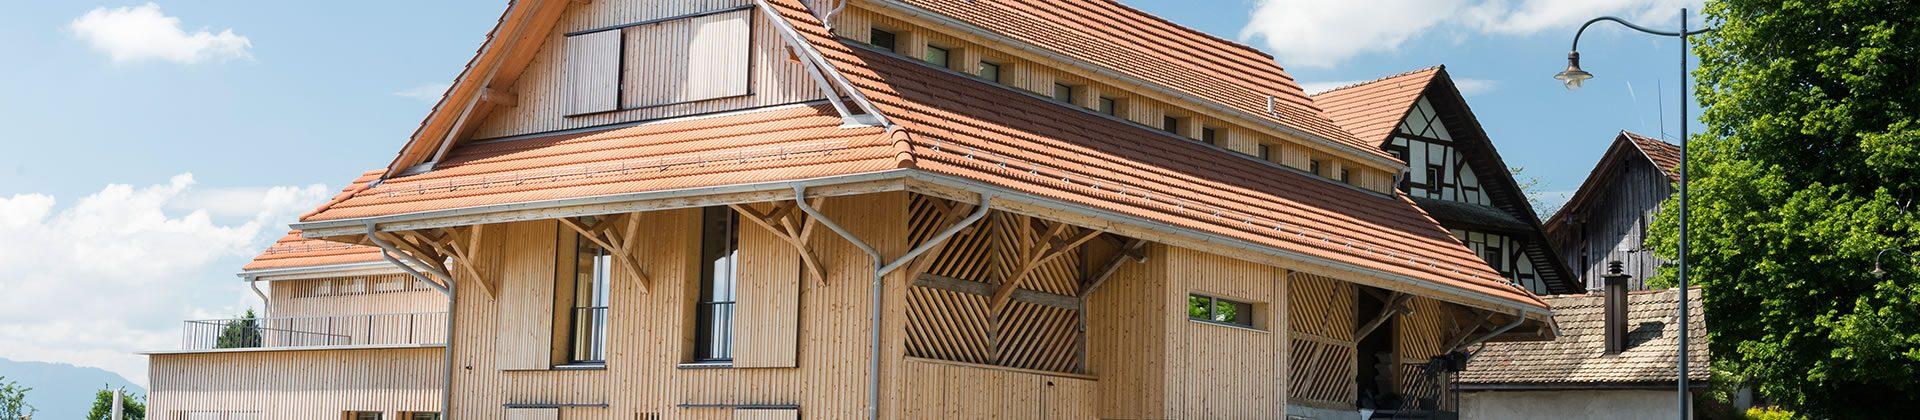 Zimmerrei / Holzbau